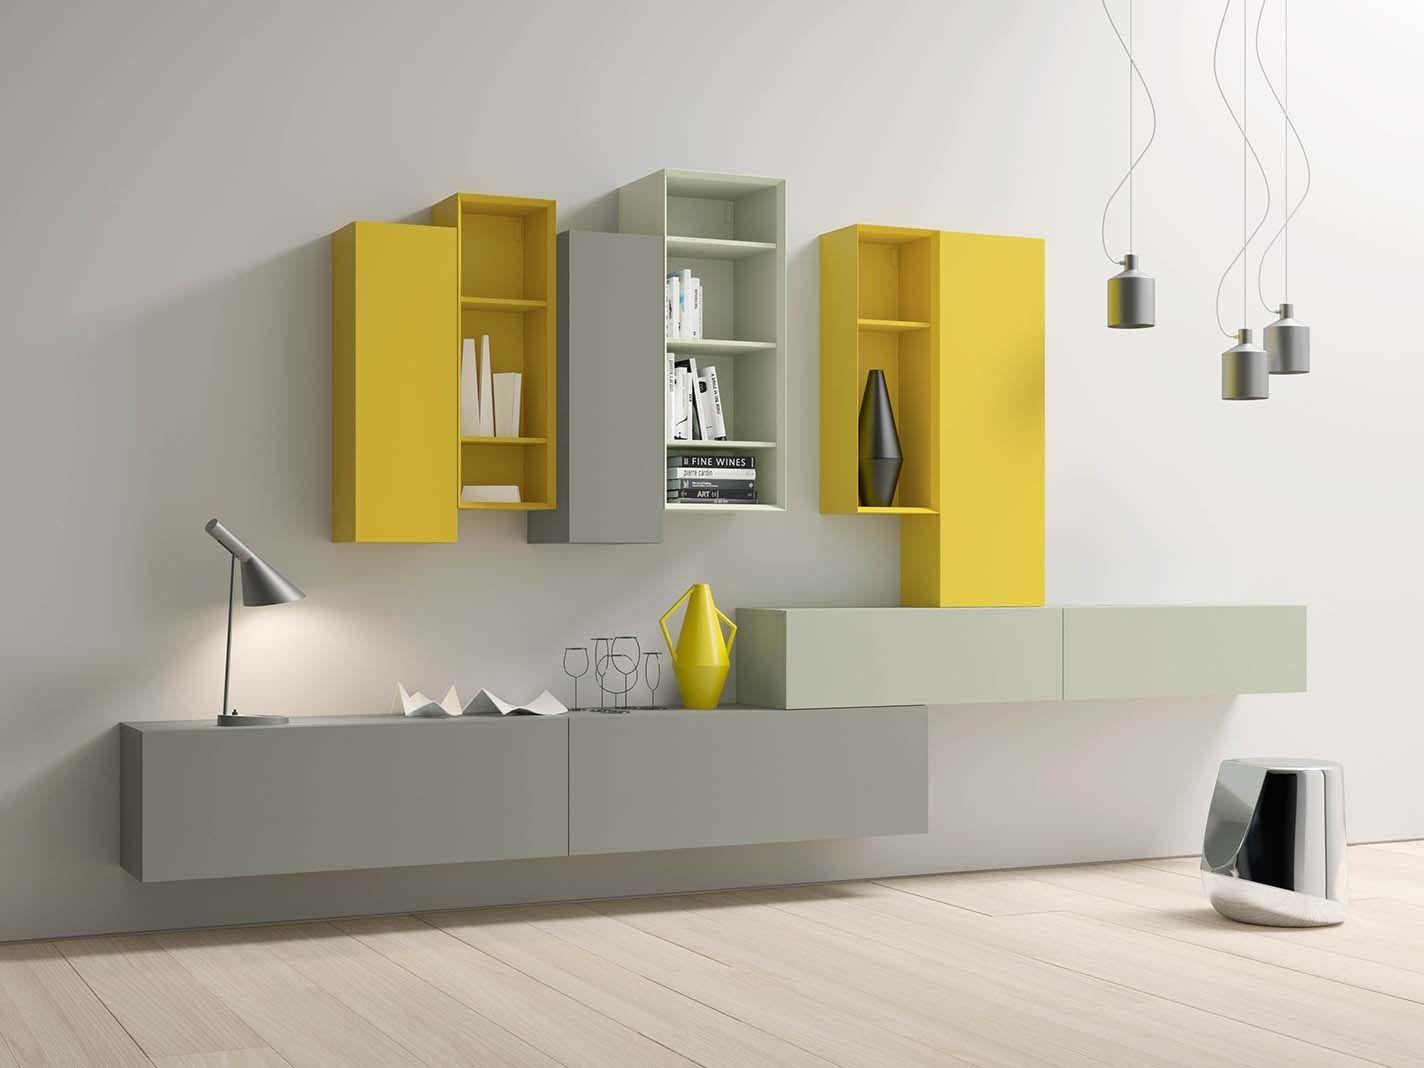 Mobile contenitore componibile laccato modulare spazio mod for Arredo casa gaiarine